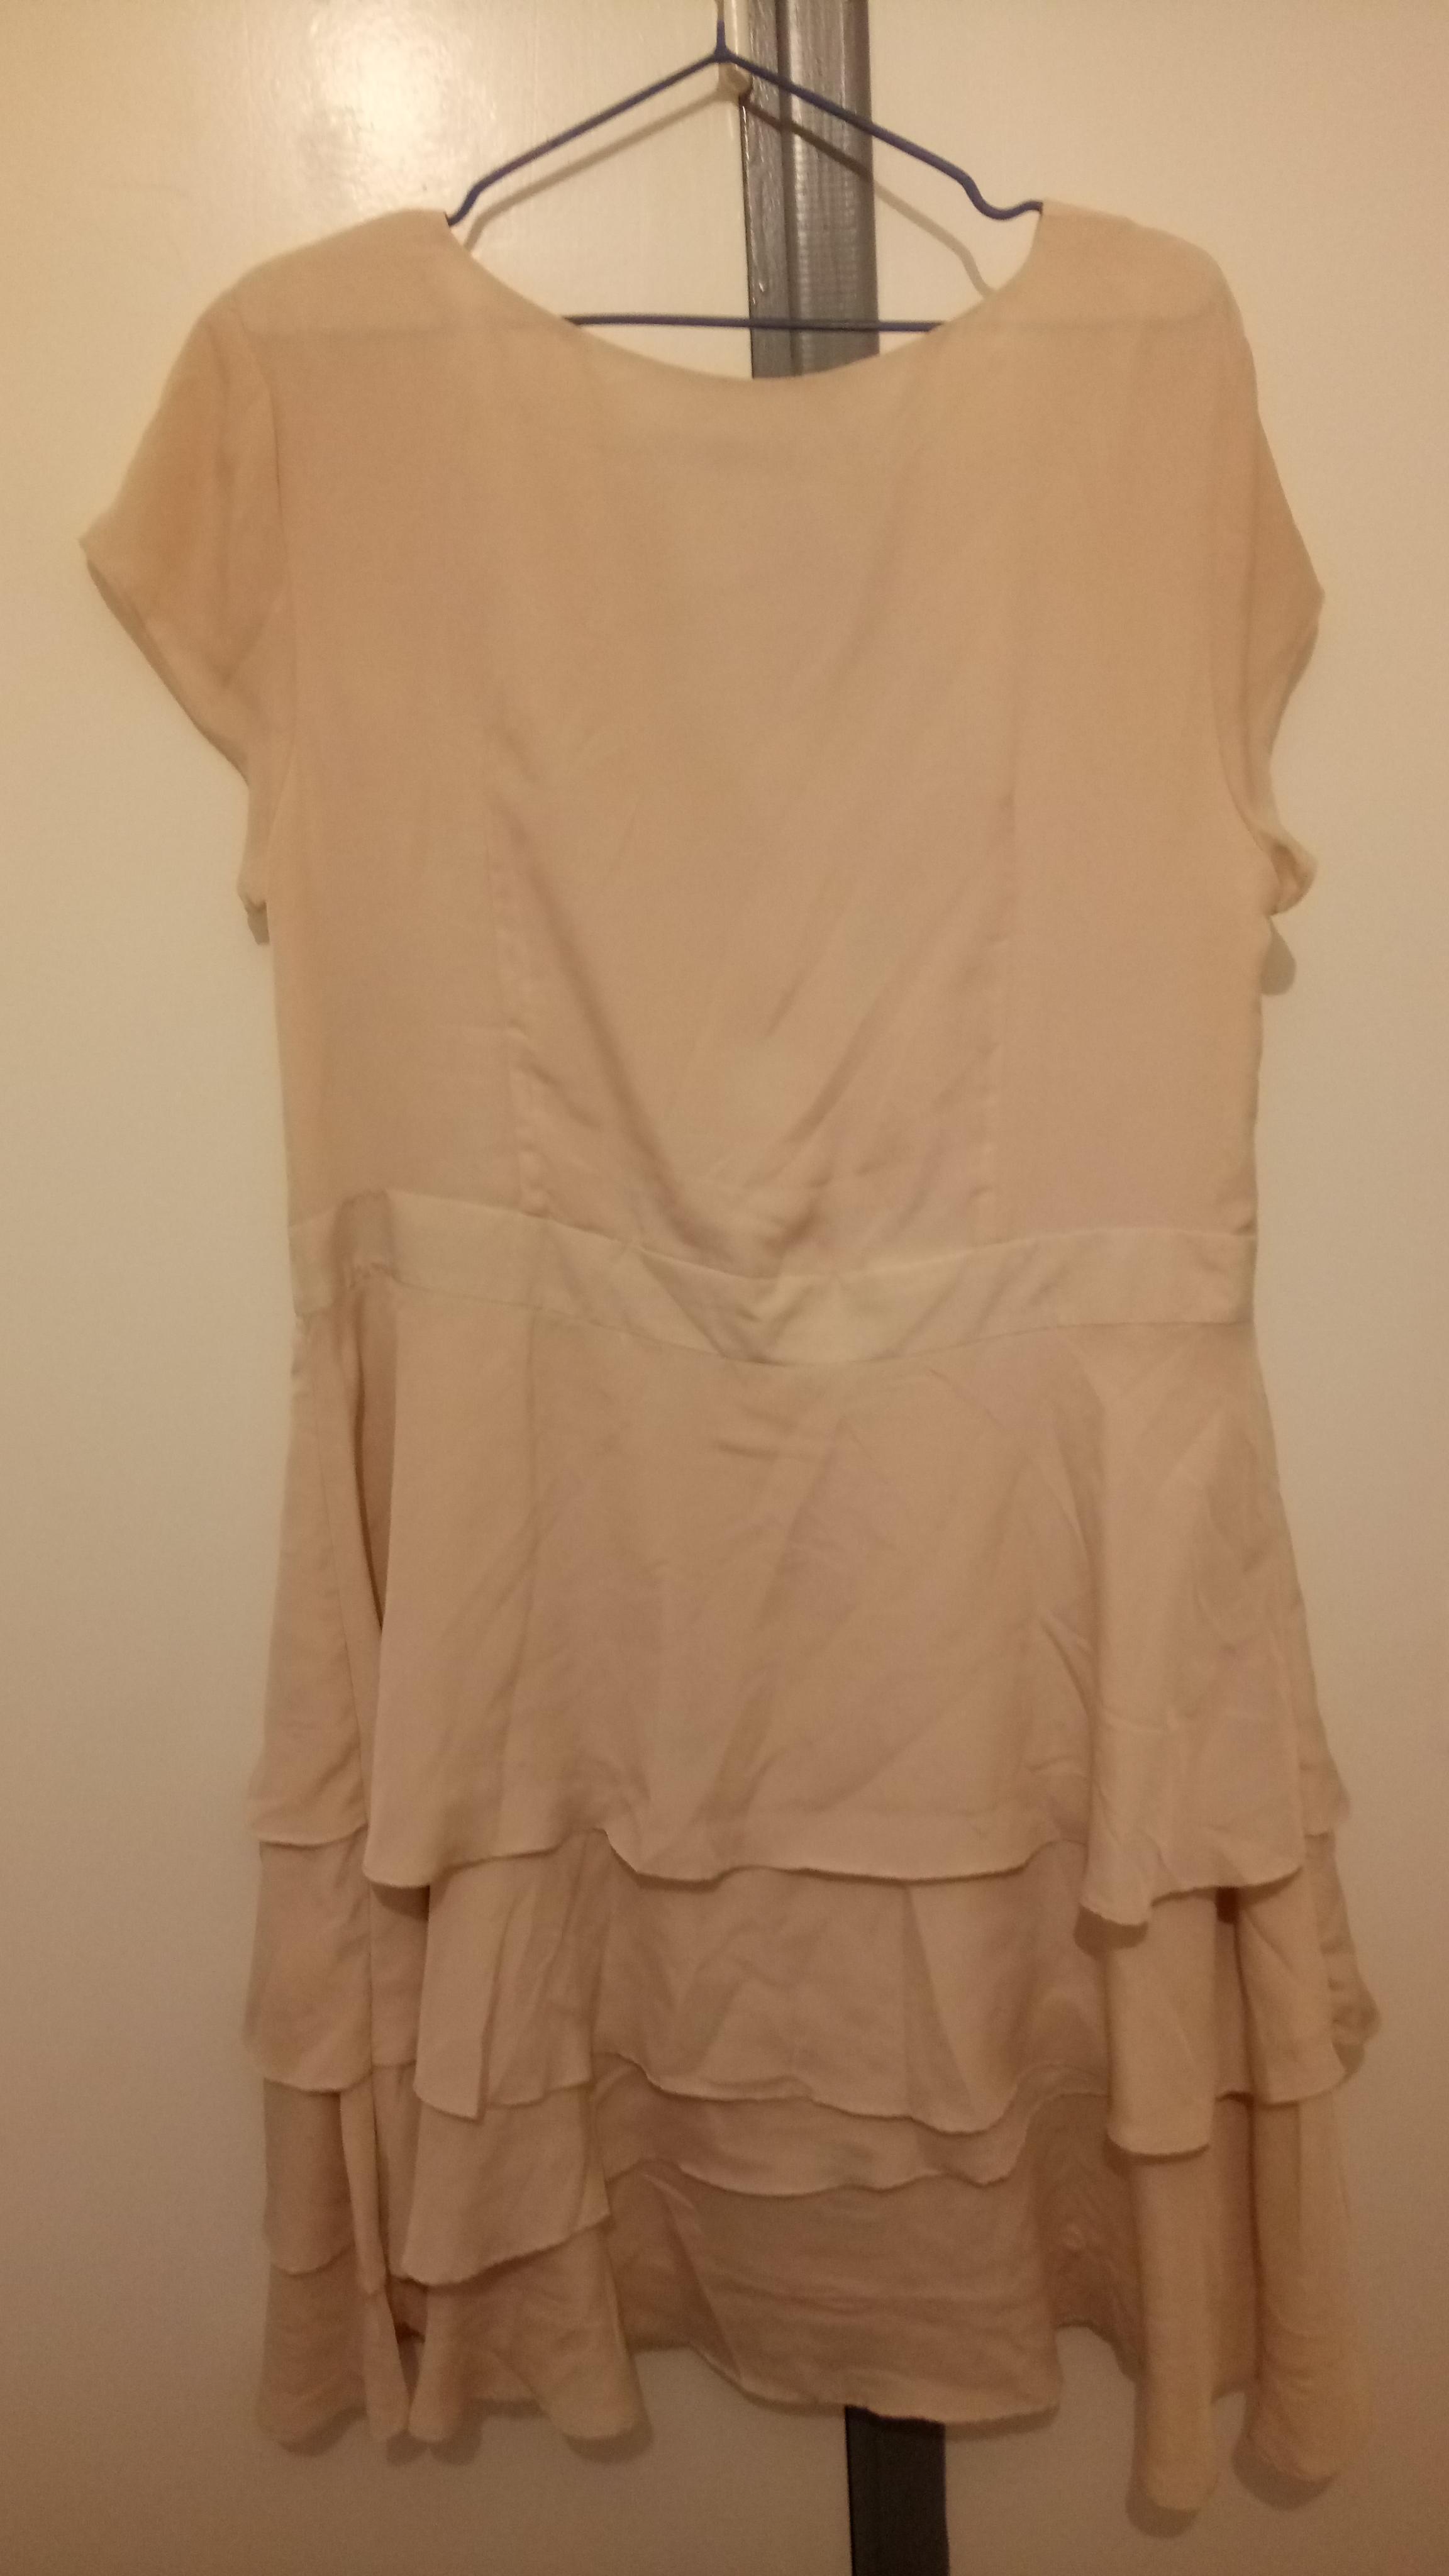 troc de troc robe sable t48 image 1